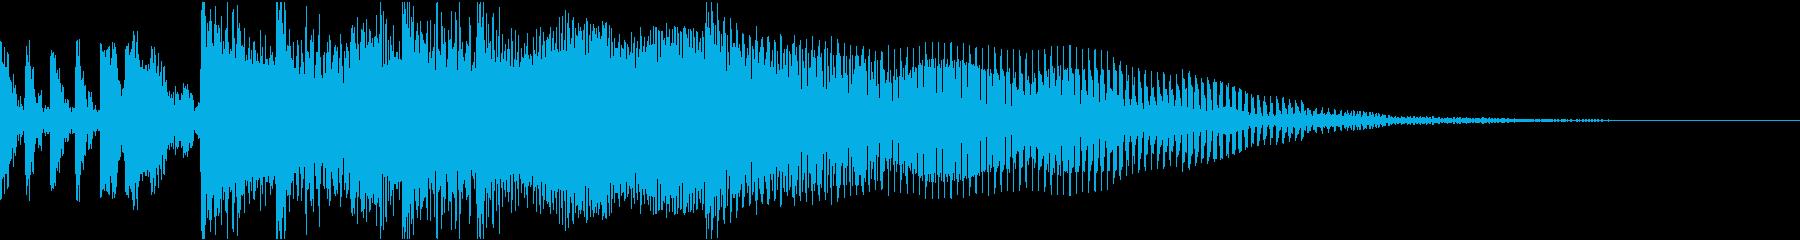 ロック調なサウンドロゴの再生済みの波形